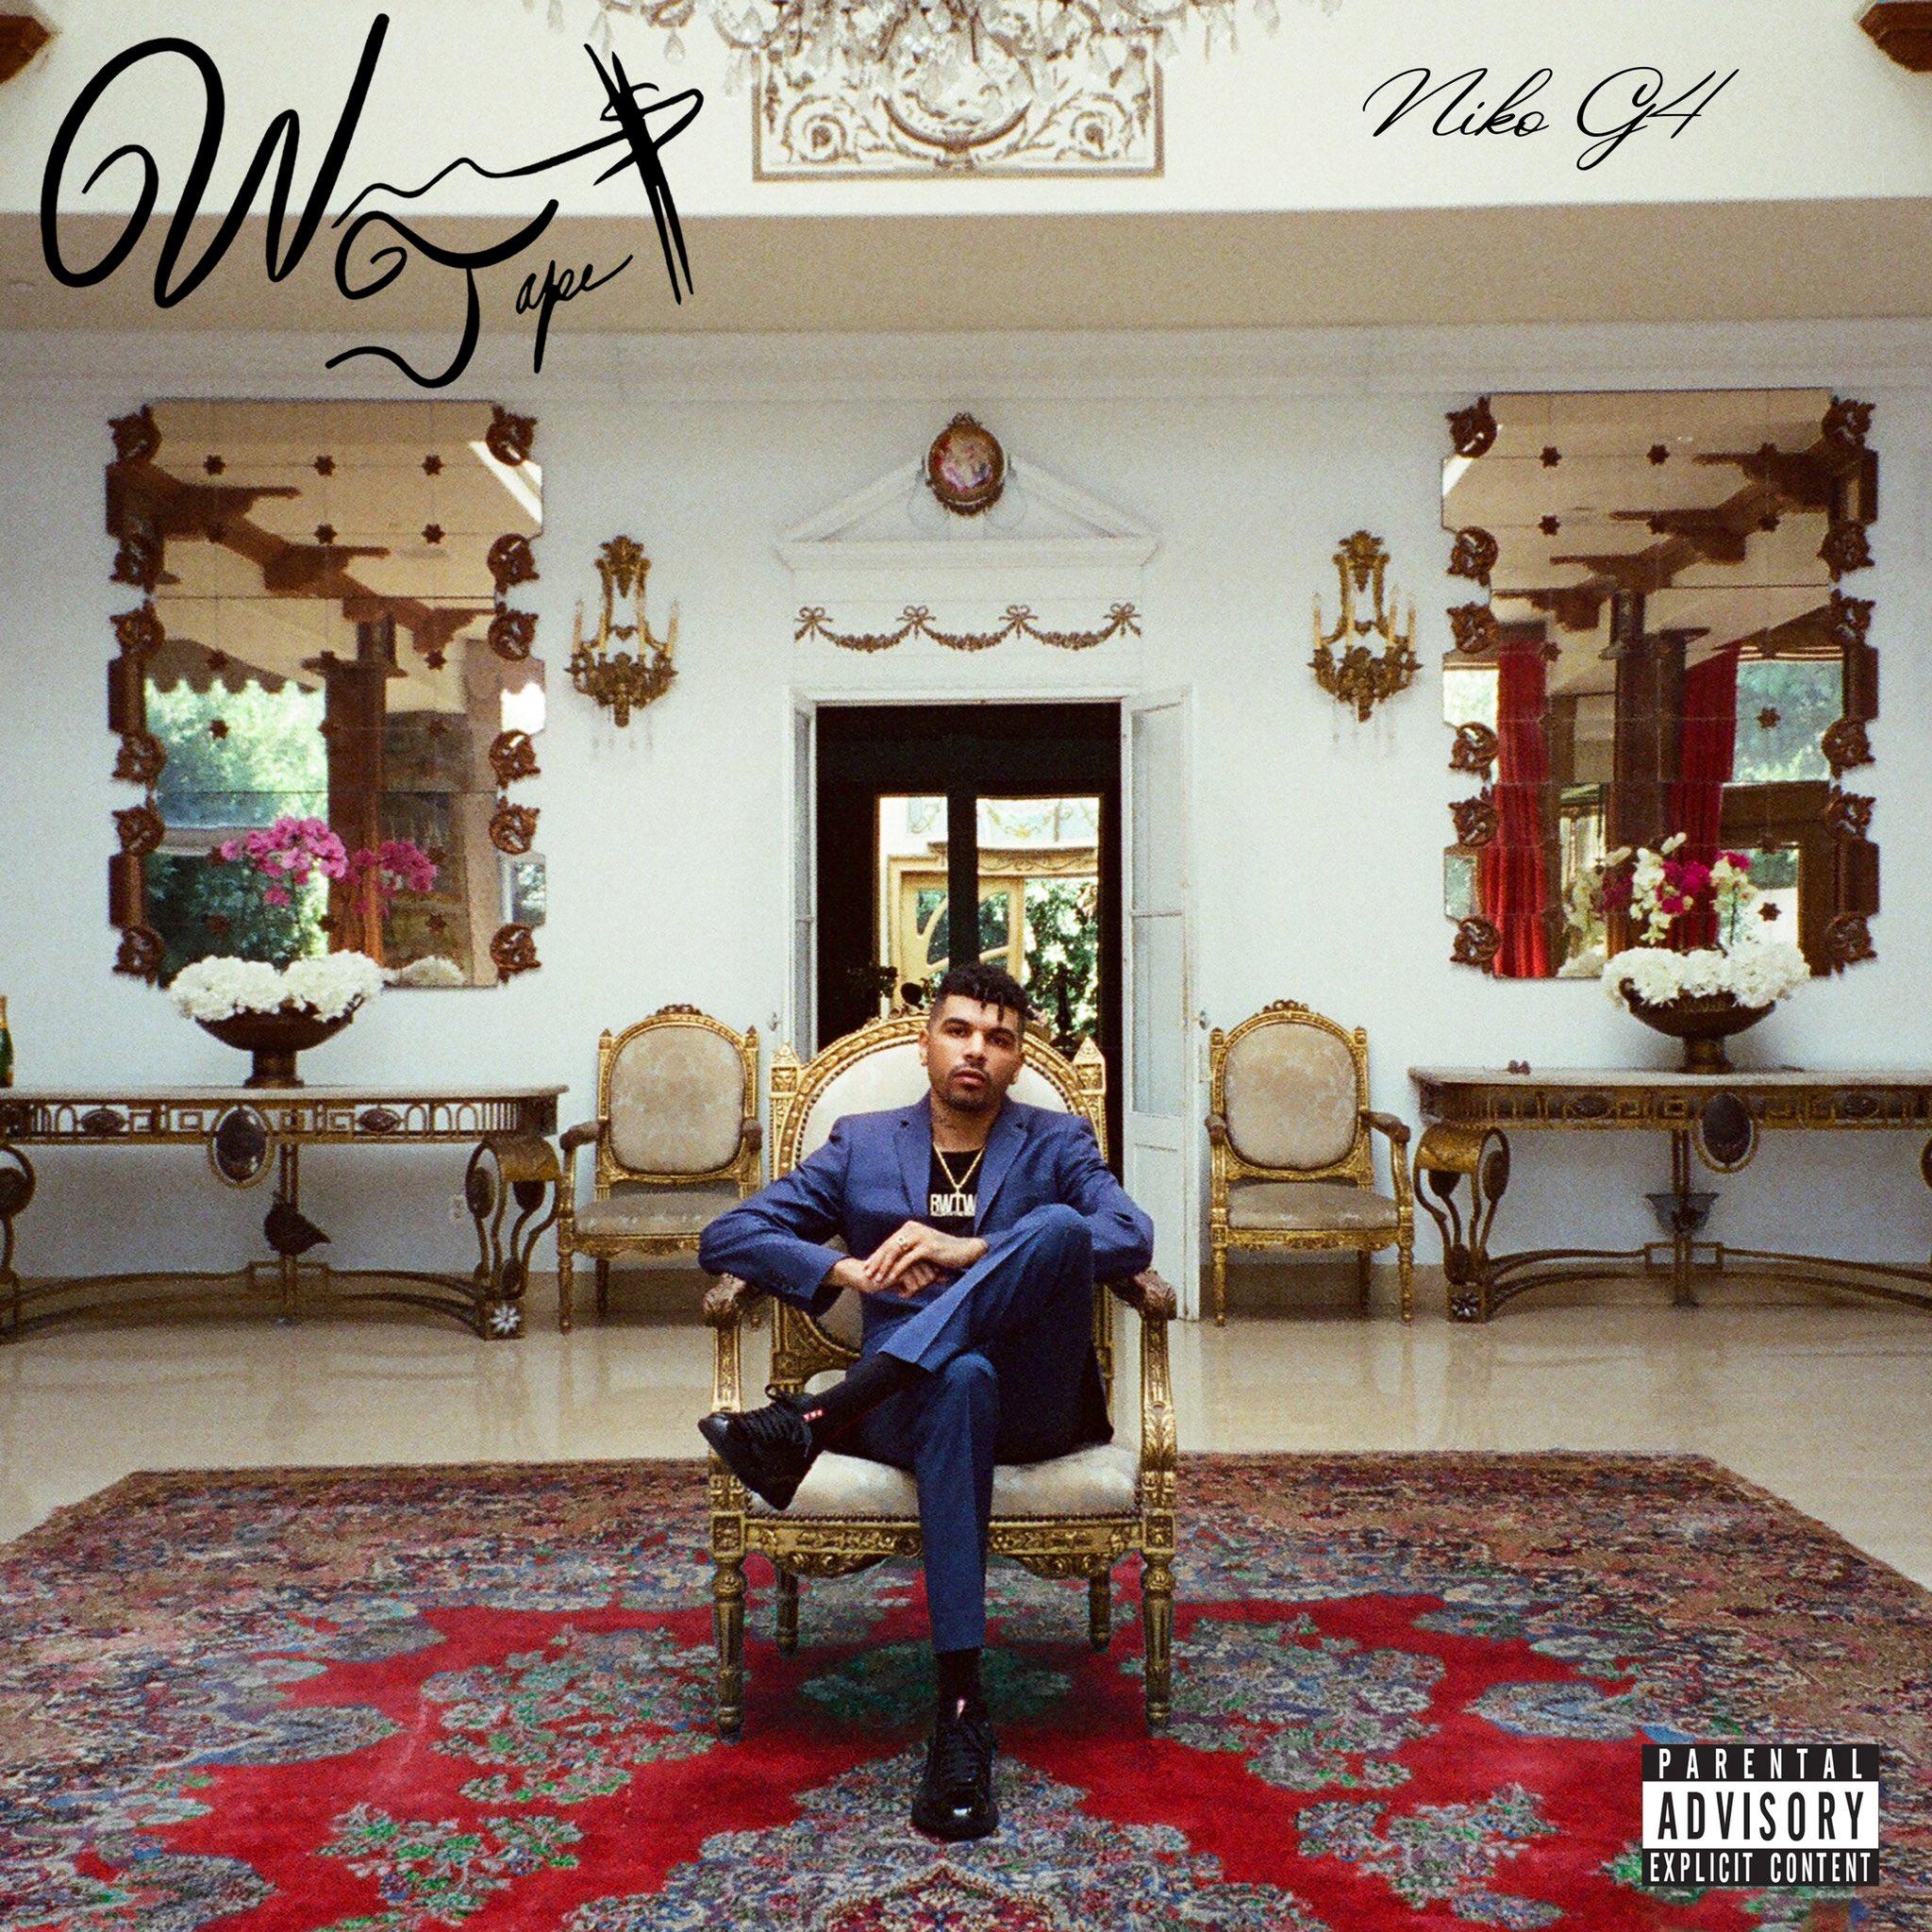 Niko G4 'Winners Tape' Album